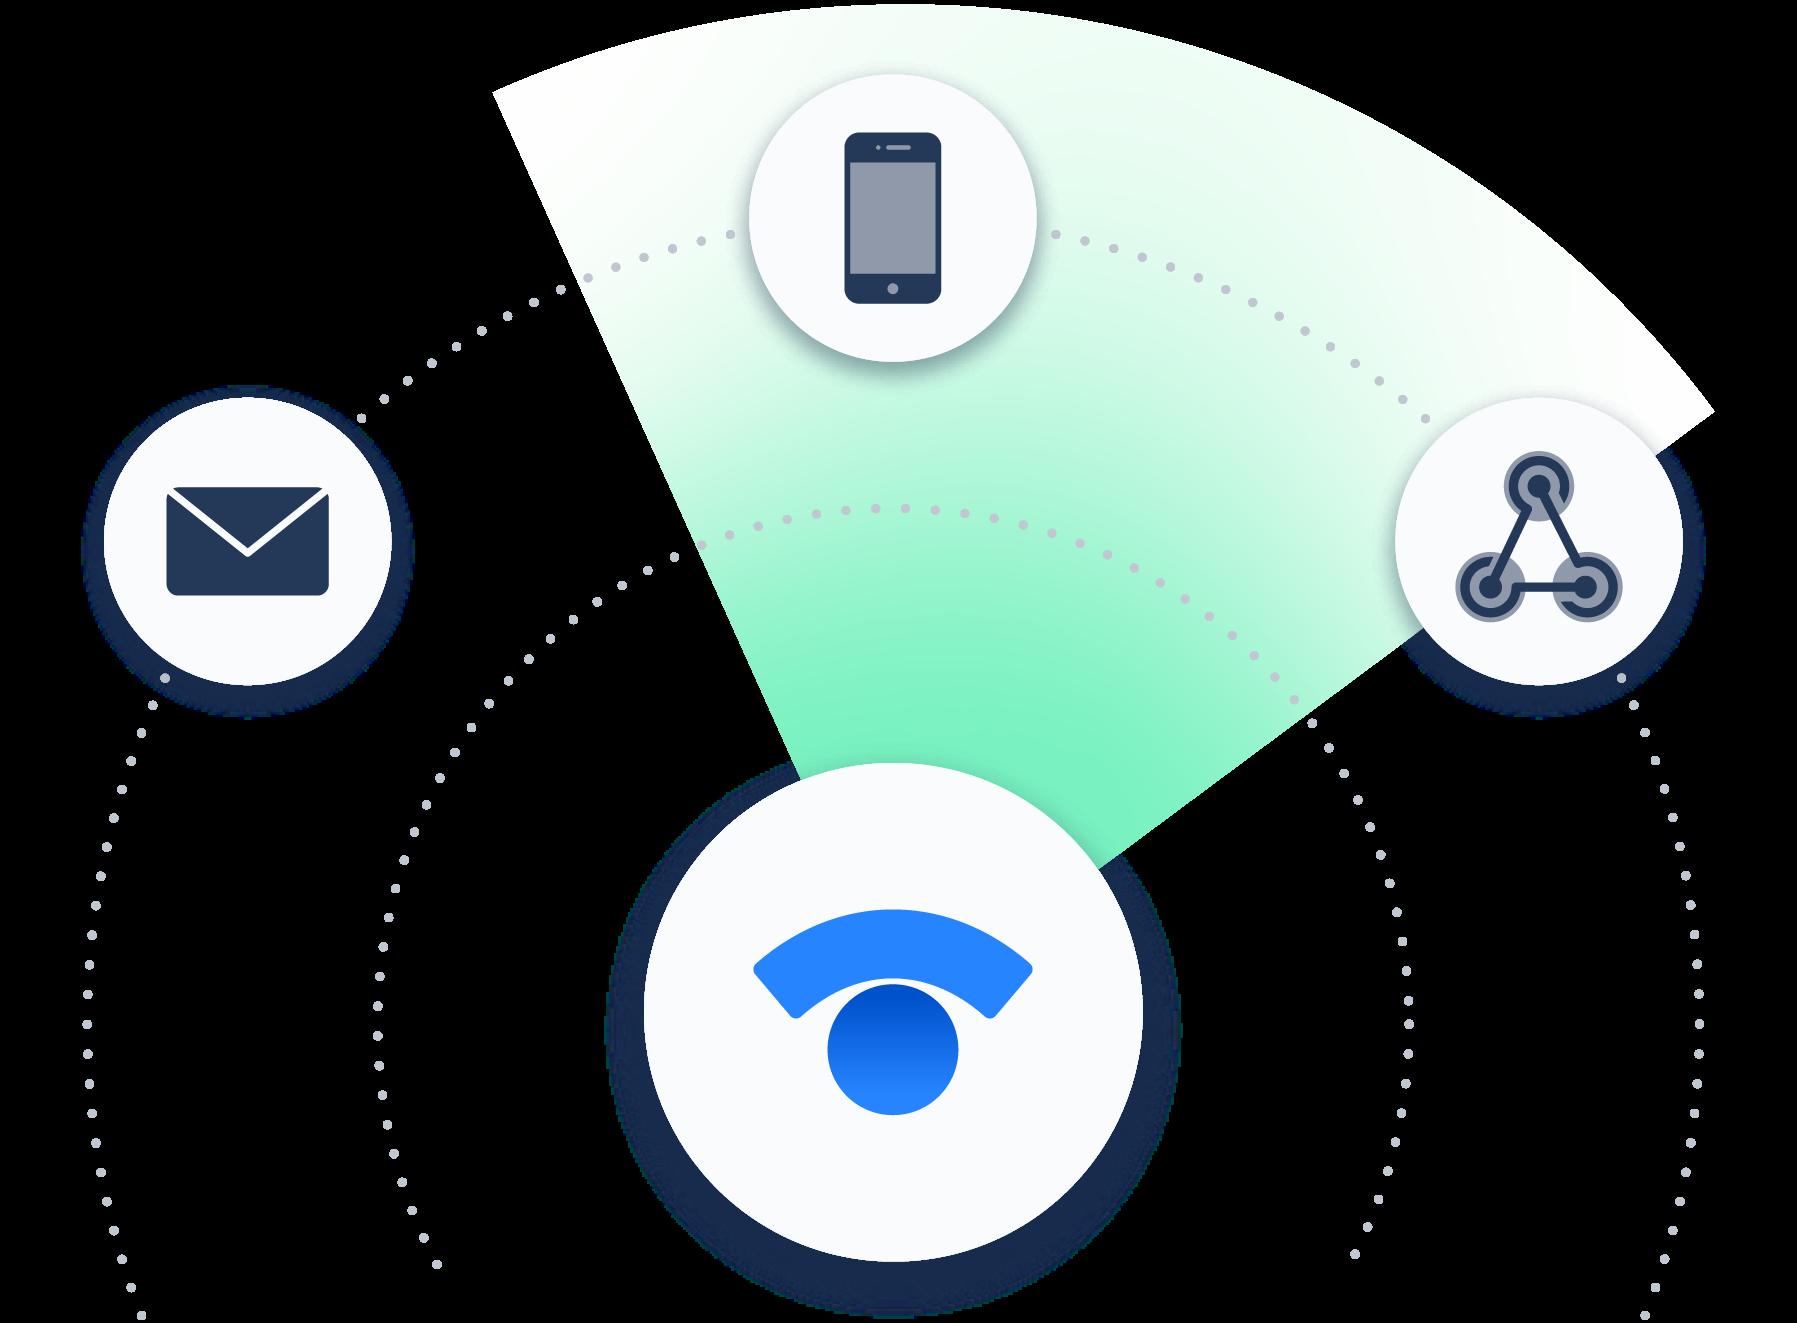 Icona di Statuspage circondata dalle icone dei canali di comunicazione (come email e telefono)